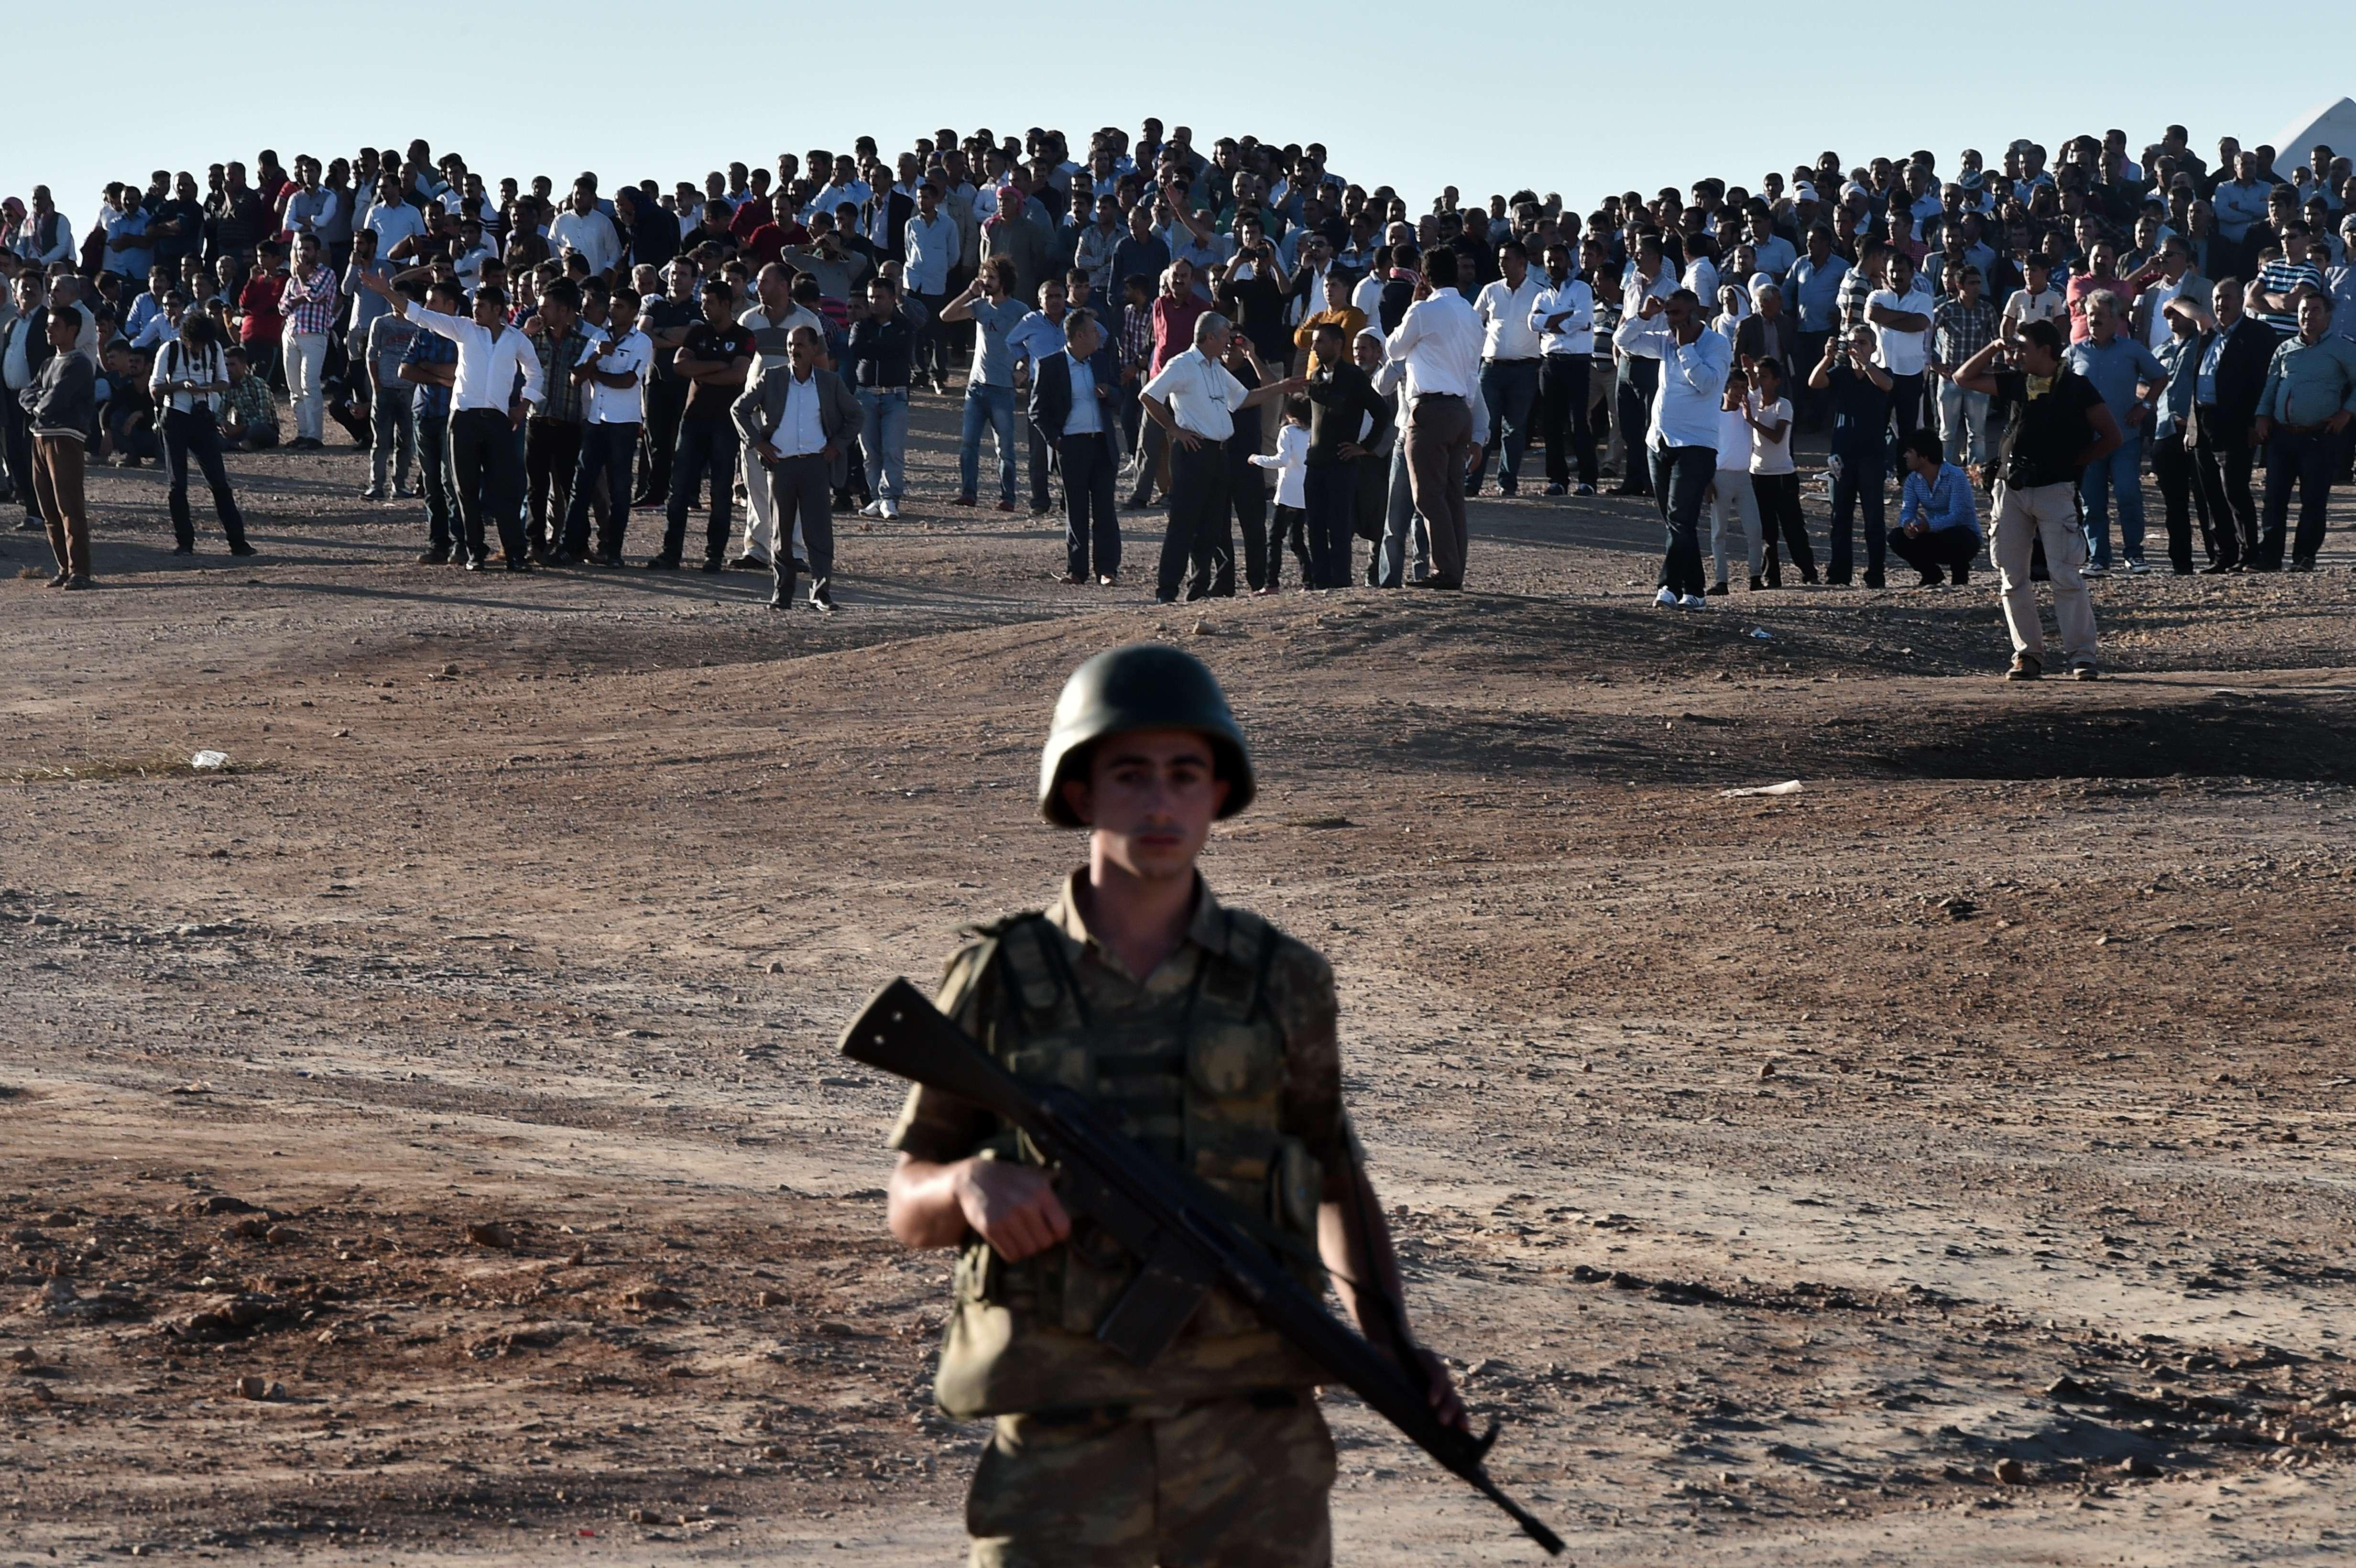 Combatantii islamisti au cucerit un nou oras din Siria. ONU anunta ca bilantul conflictului a depasit 200.000 de morti